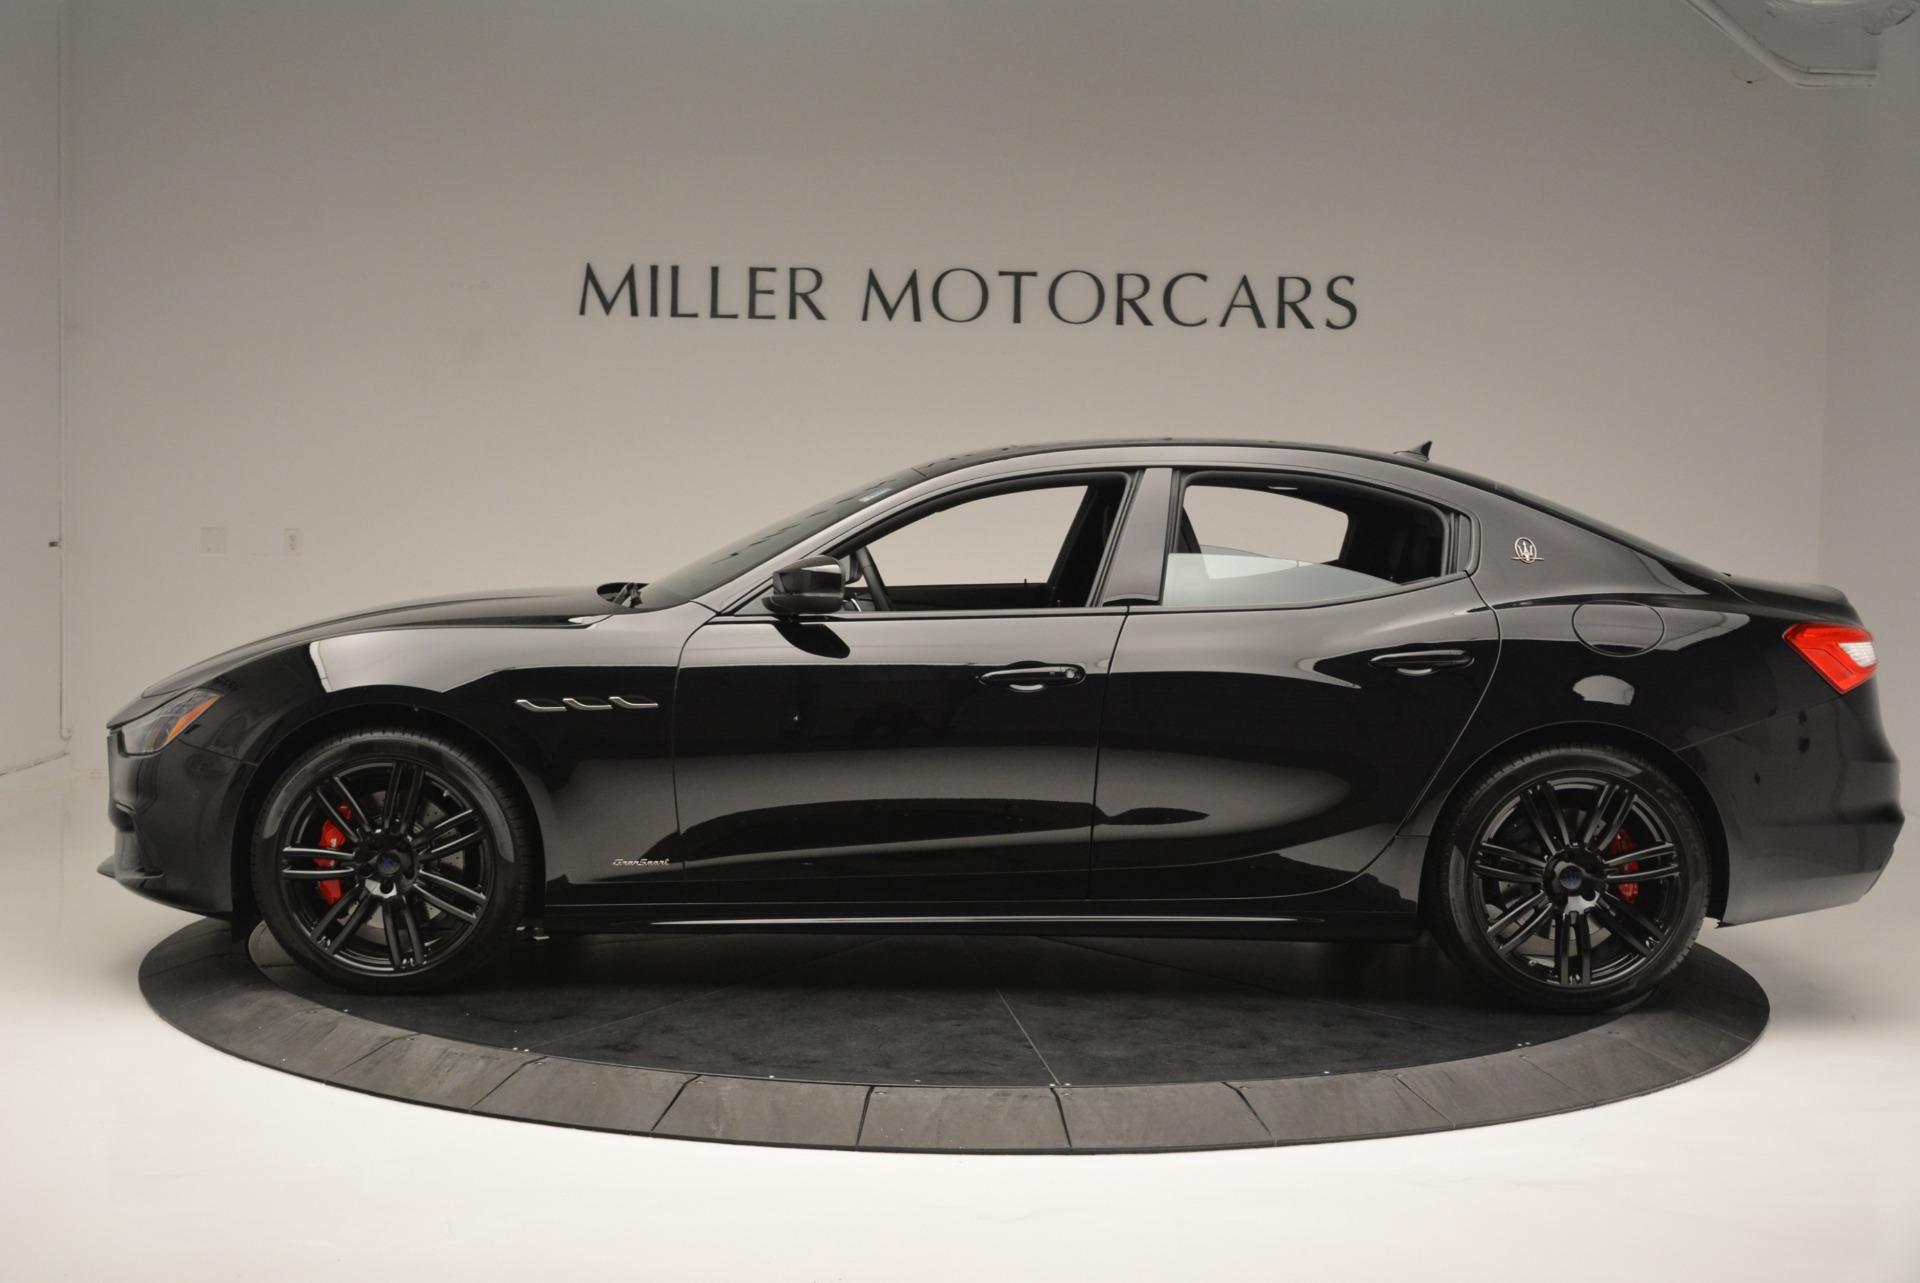 New 2018 Maserati Ghibli SQ4 GranSport Nerissimo For Sale In Greenwich, CT 2278_p3